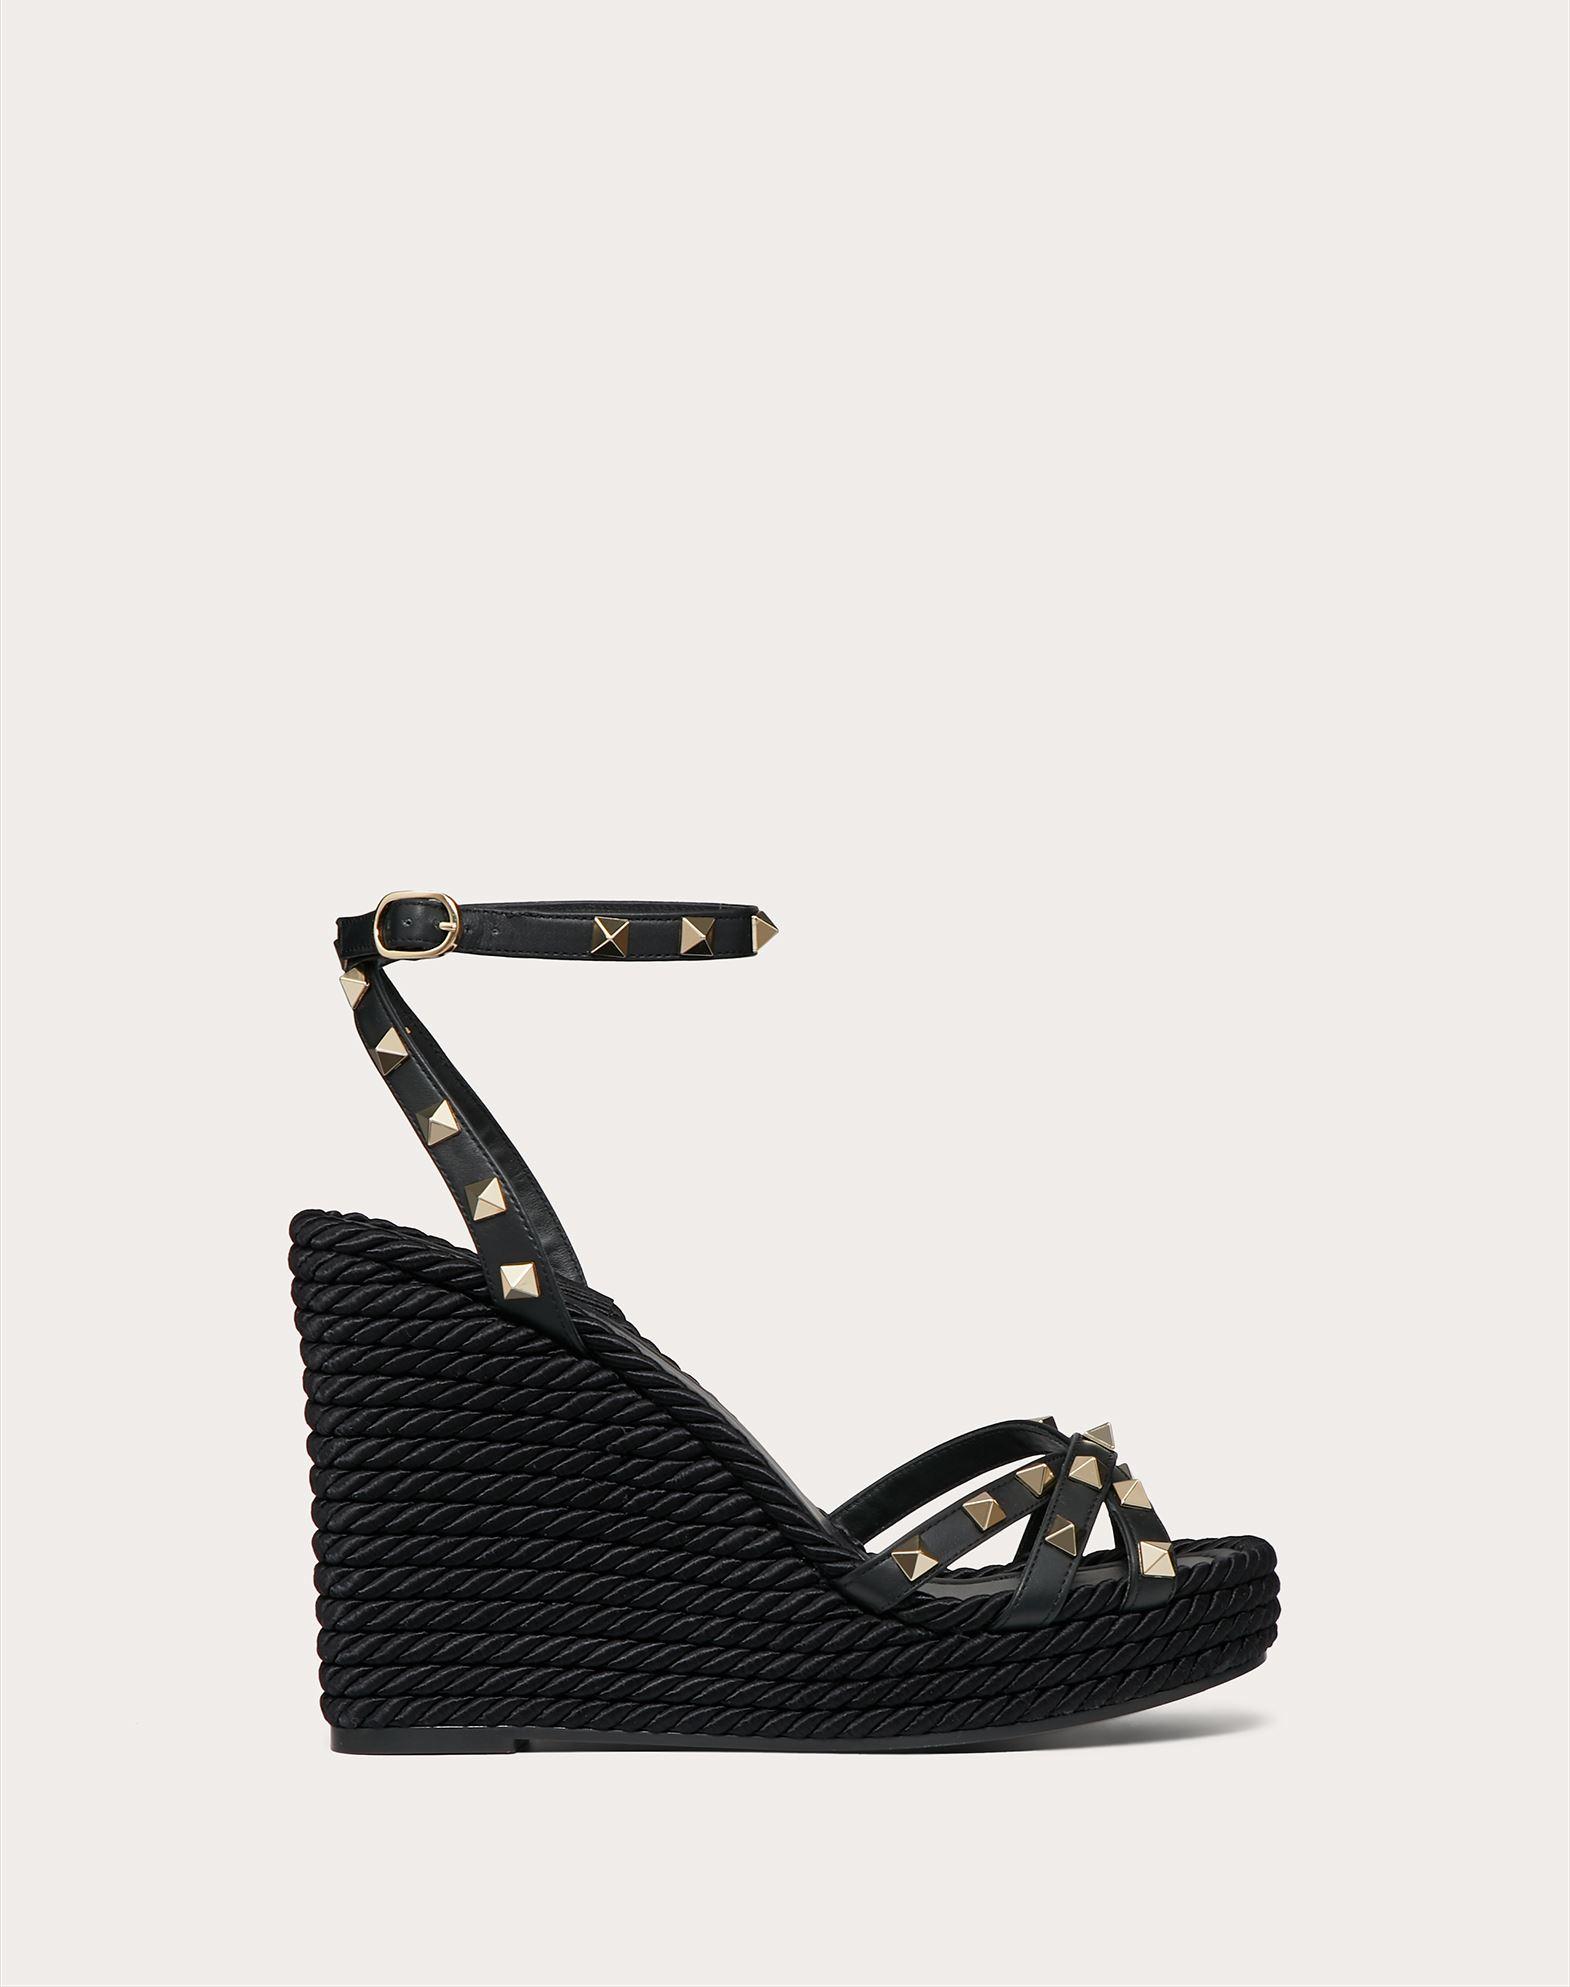 Rockstud Calfskin Ankle Strap Wedge Sandal 95 mm